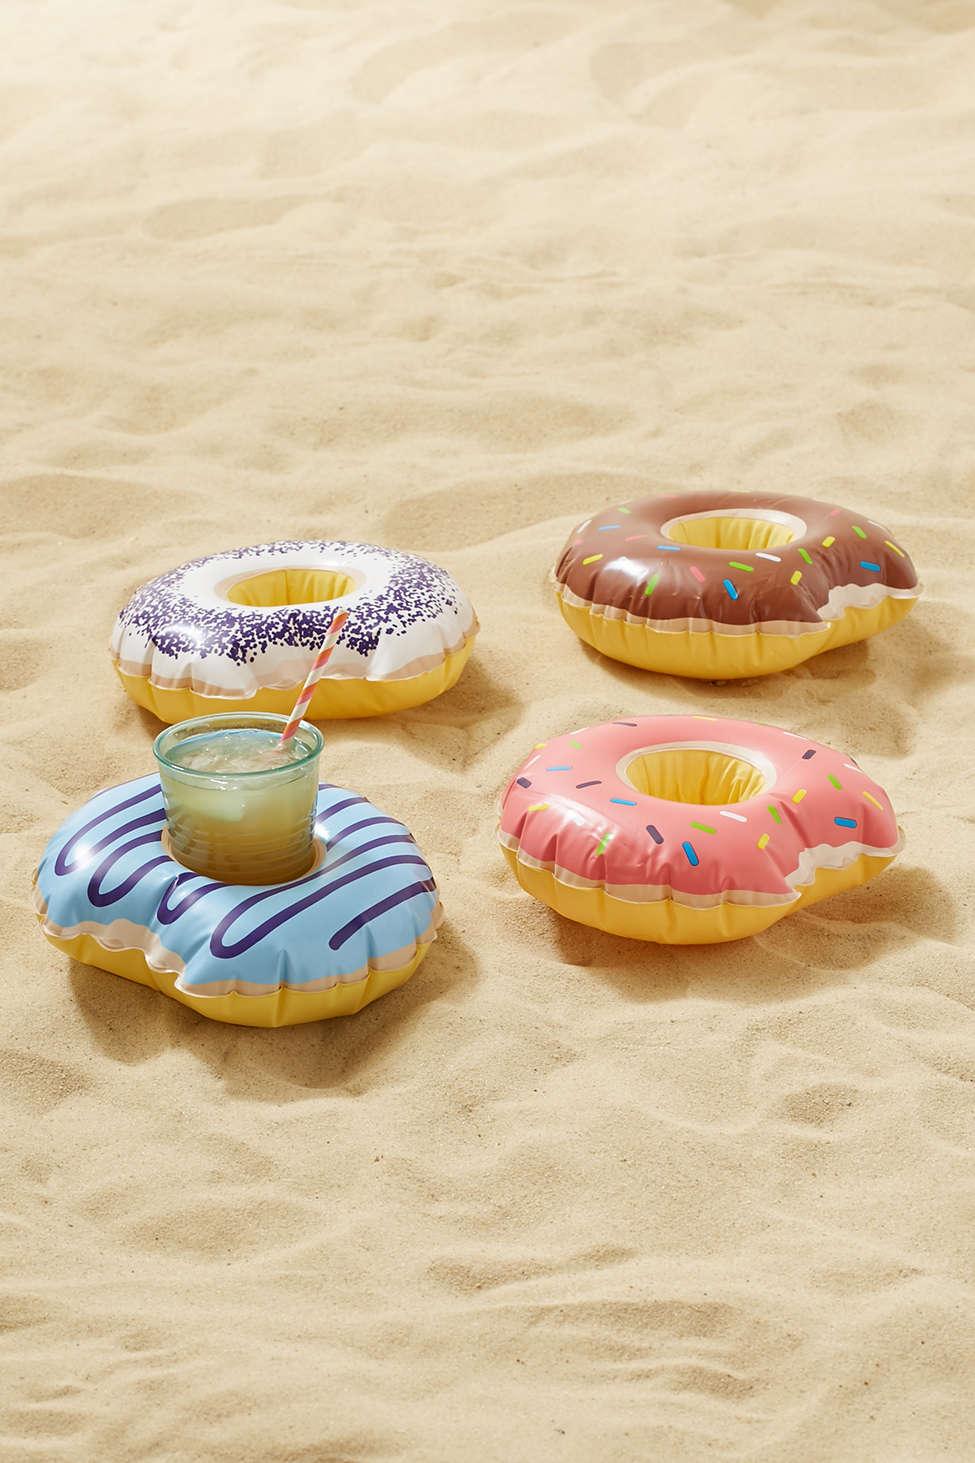 Floating donut drink holders